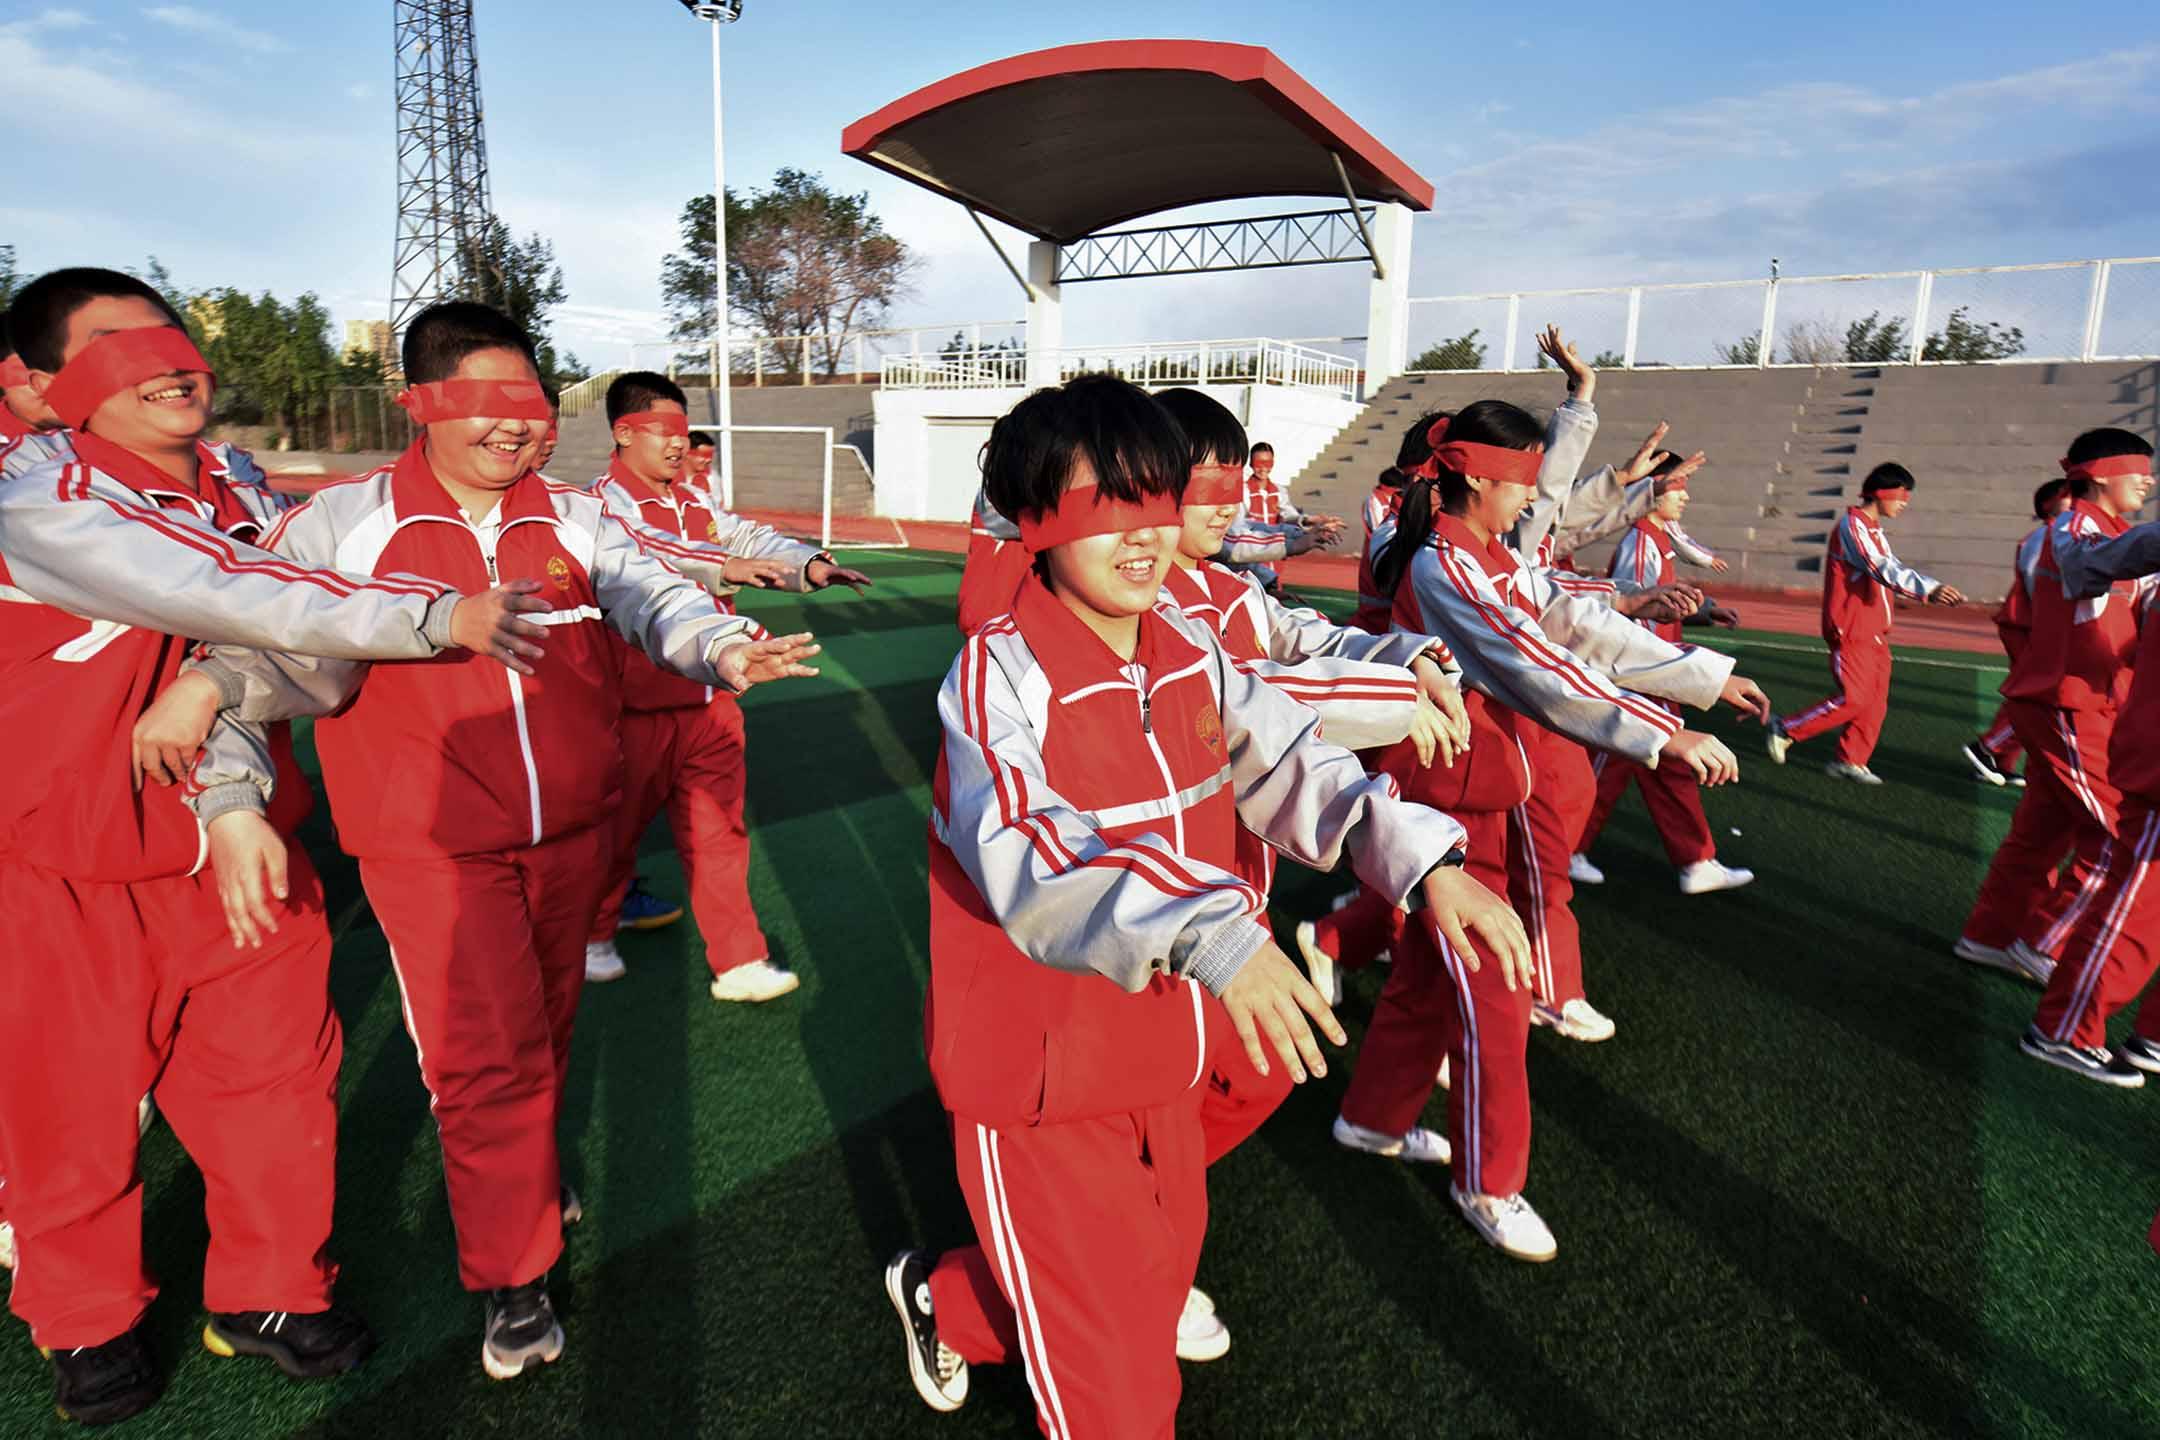 2021年6月2日中國張家口,學生們眼睛蒙著布向前走。